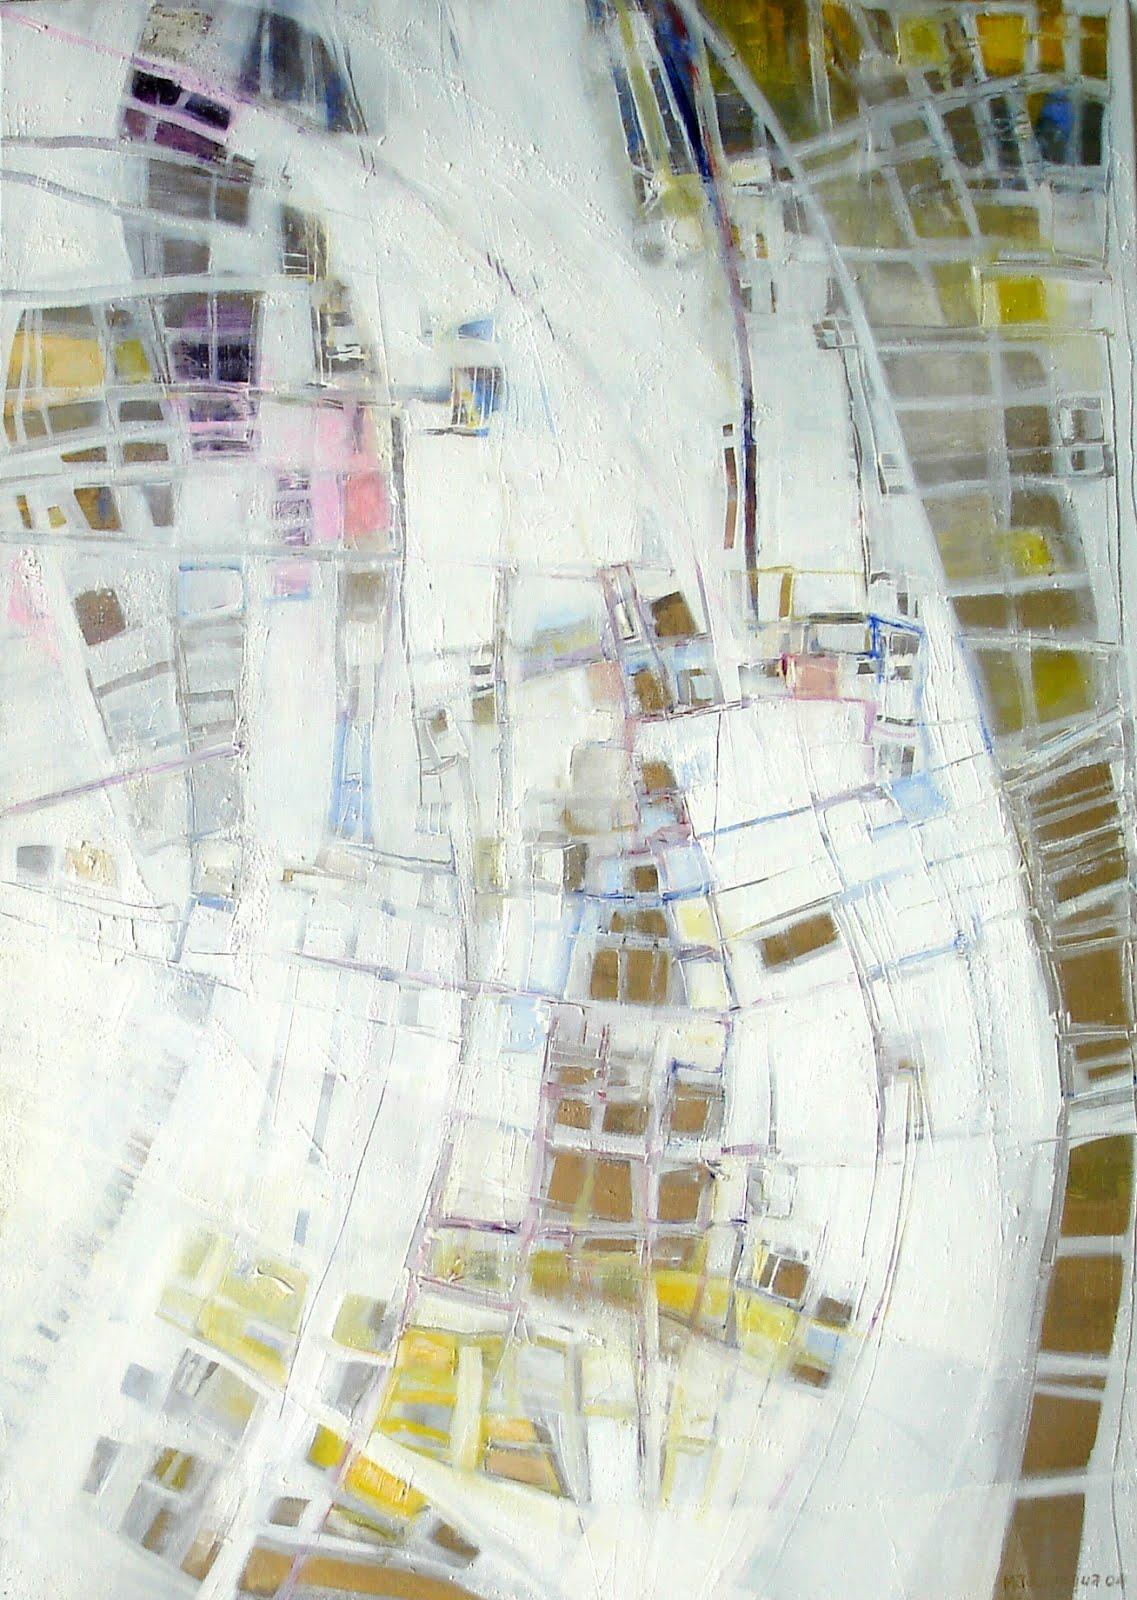 L'Archange - 73 x 92 cm - 2004